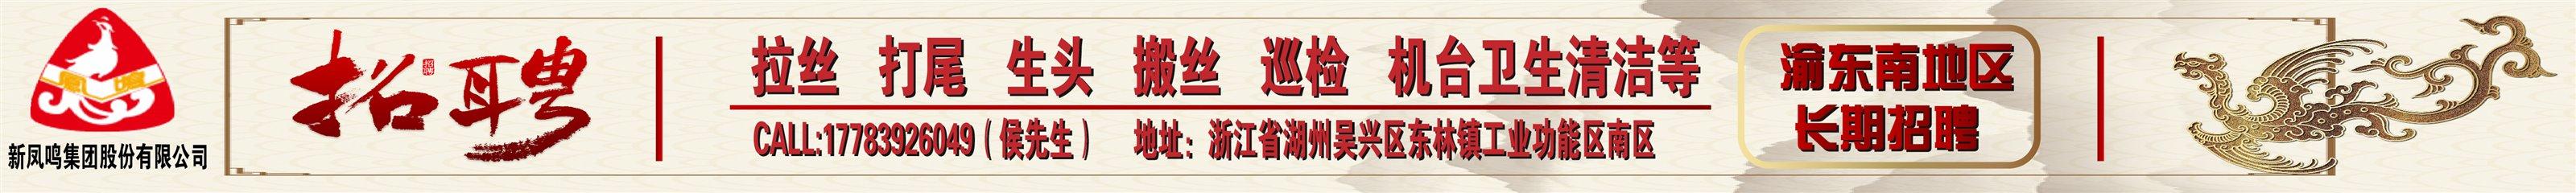 上海天轶企业服务外包有限公司